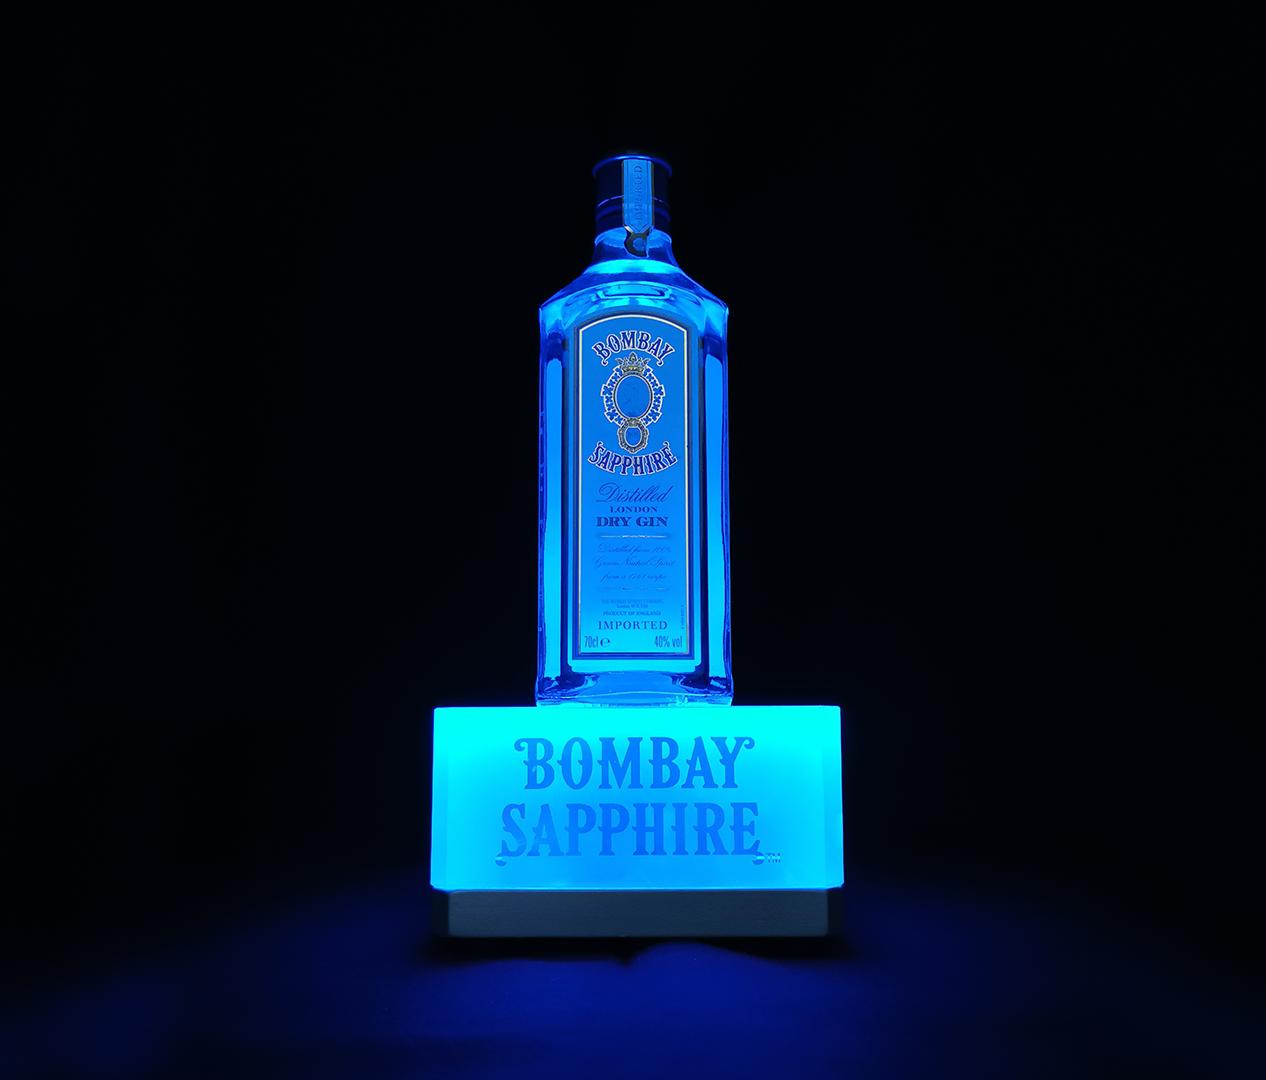 Bombay Sapphire - Sockel aus Bleikristall - Zweyloeven Werbeproduktion GmbH